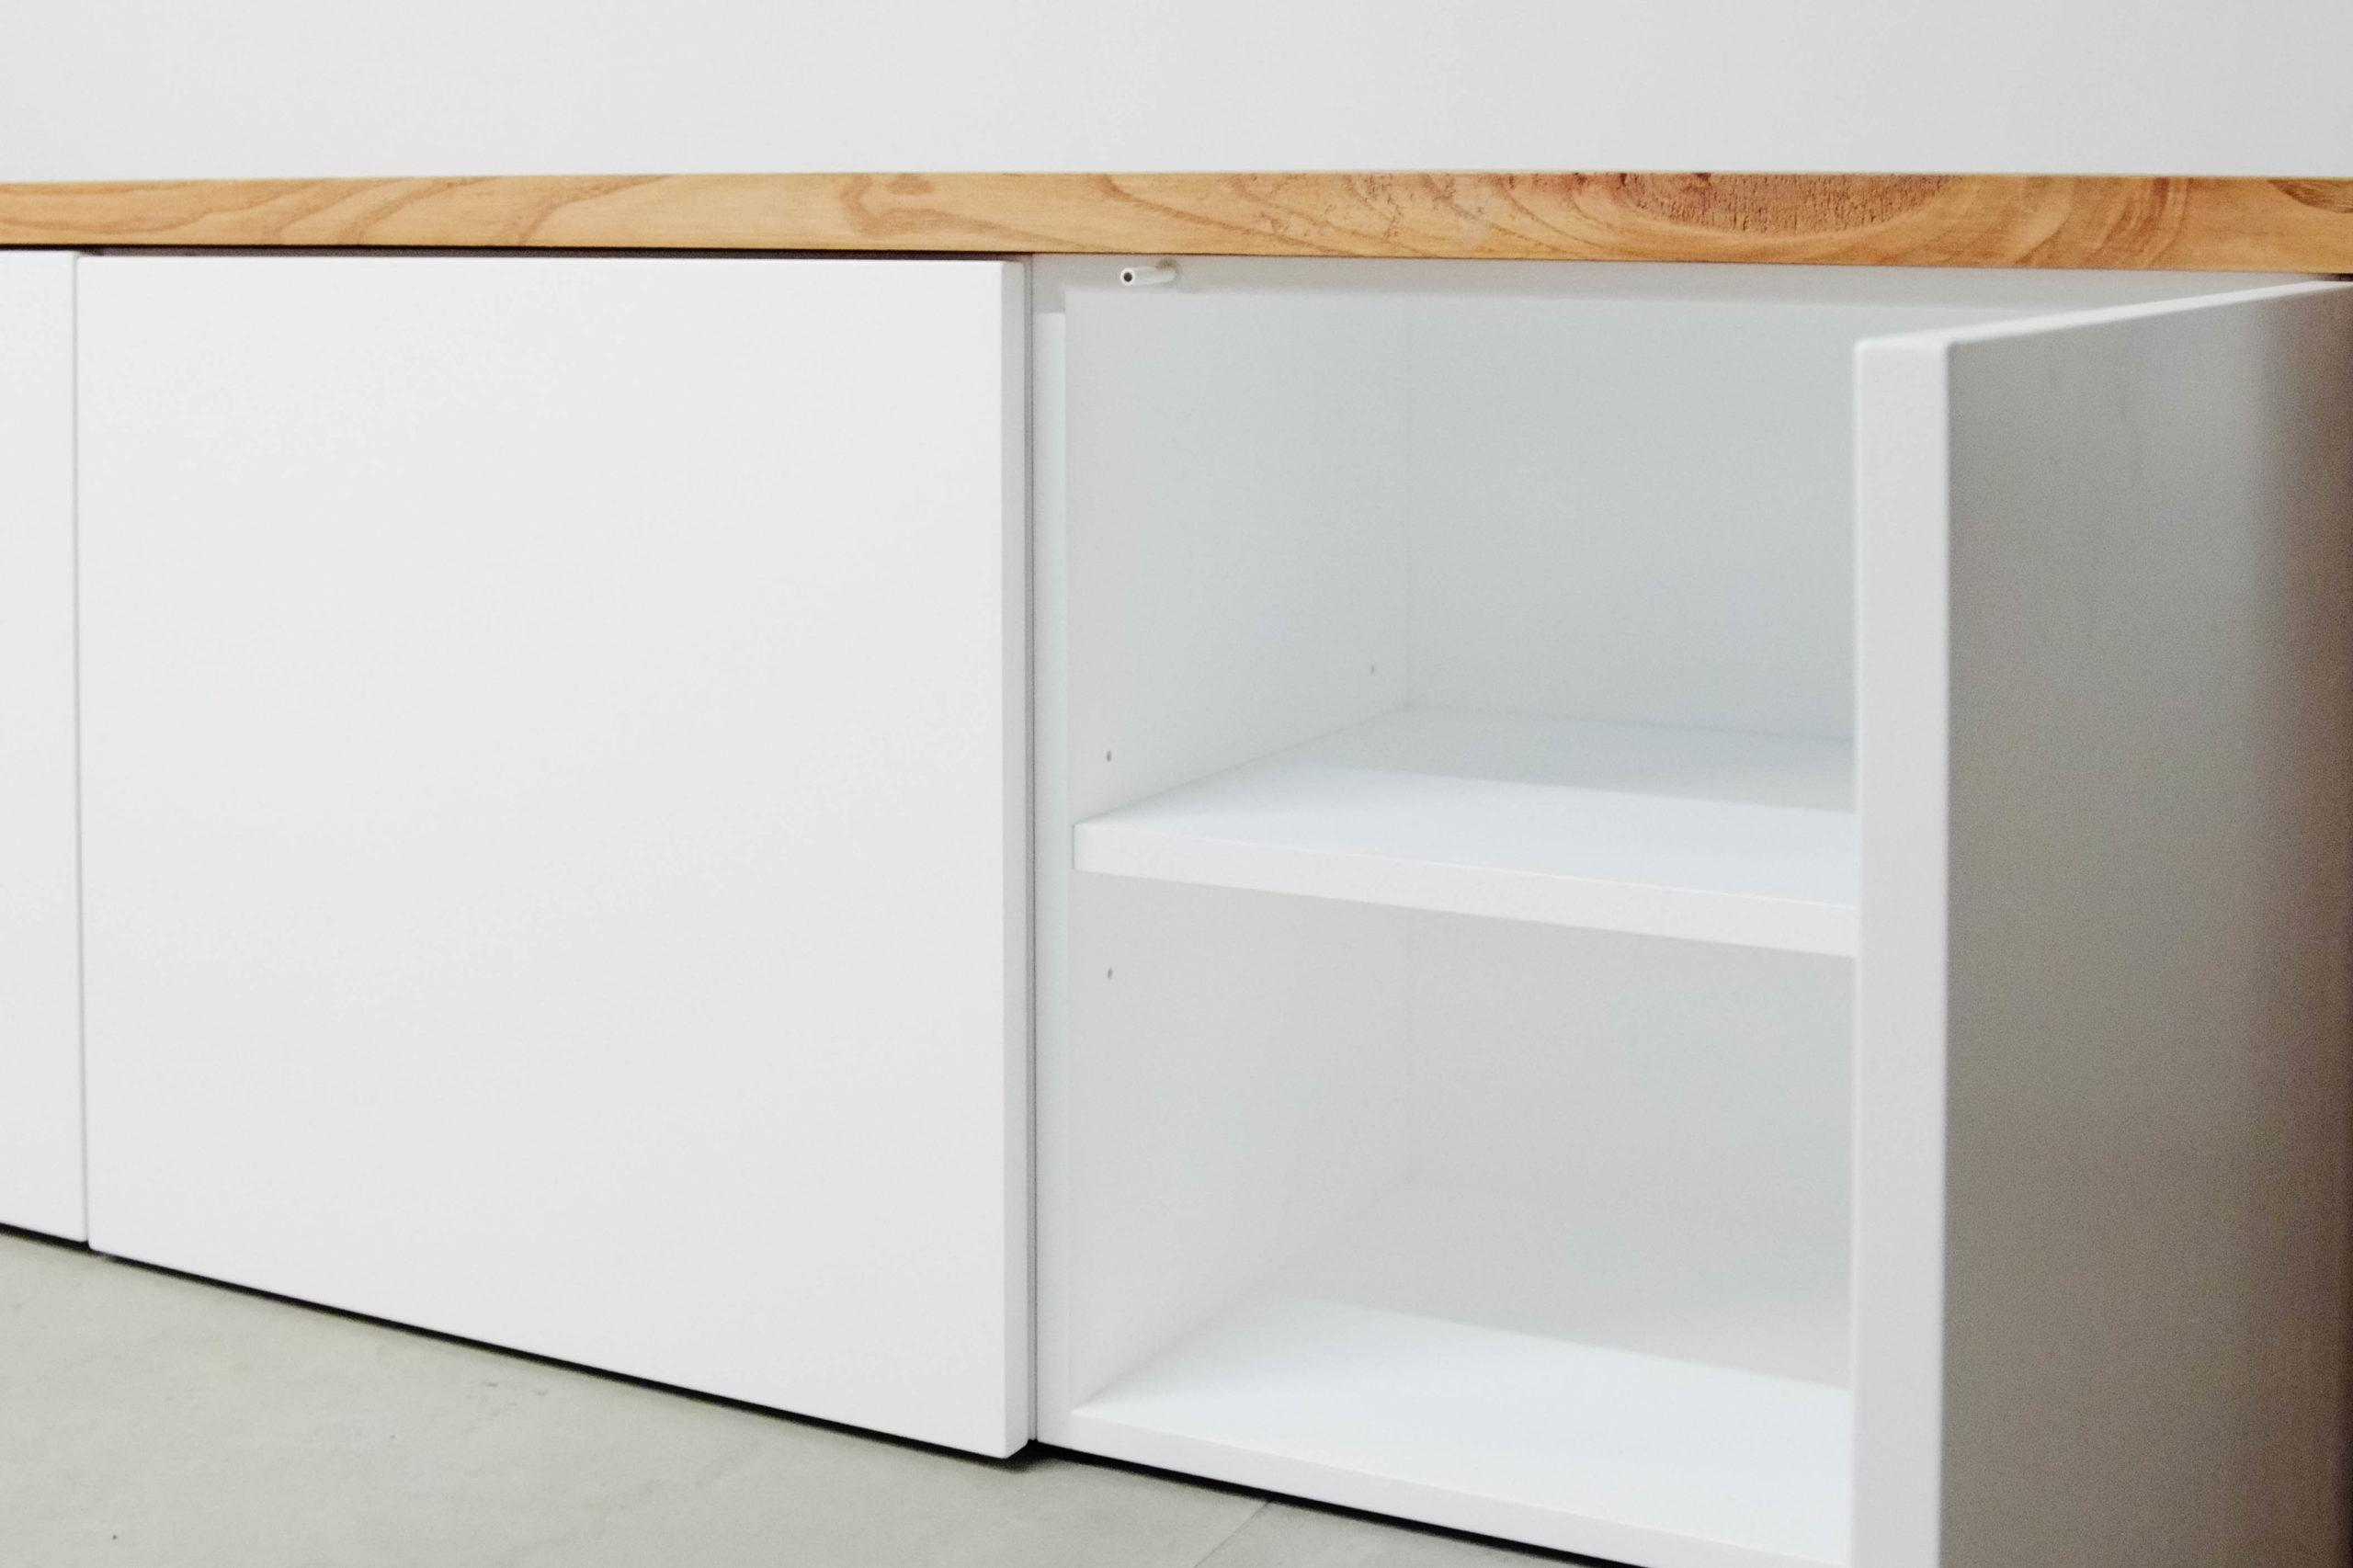 puertas mueble de television blanco hecho a mano